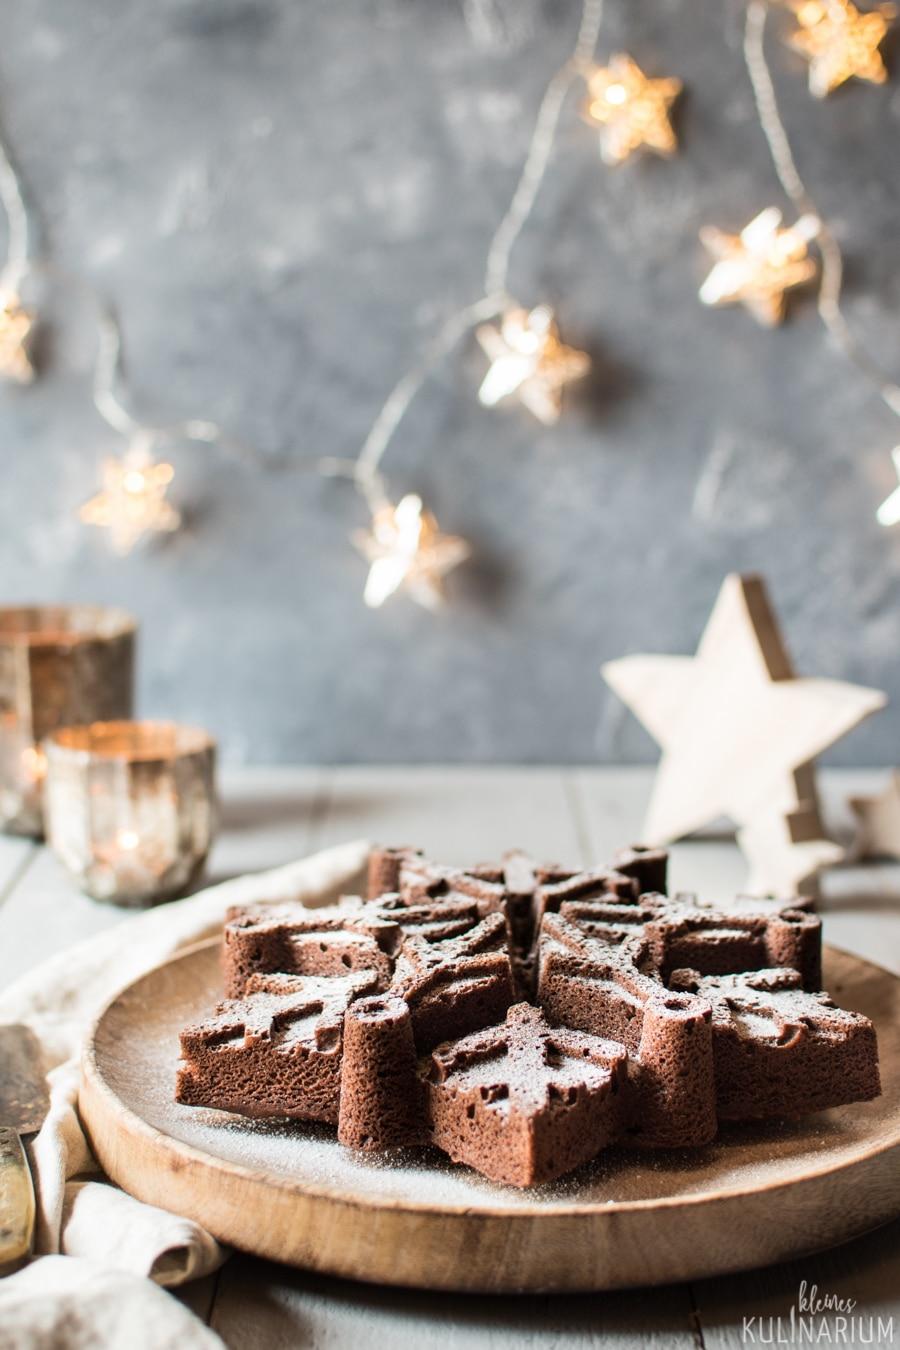 Saftiger Gewurzkuchen Weihnachtsbackerei Kleines Kulinarium